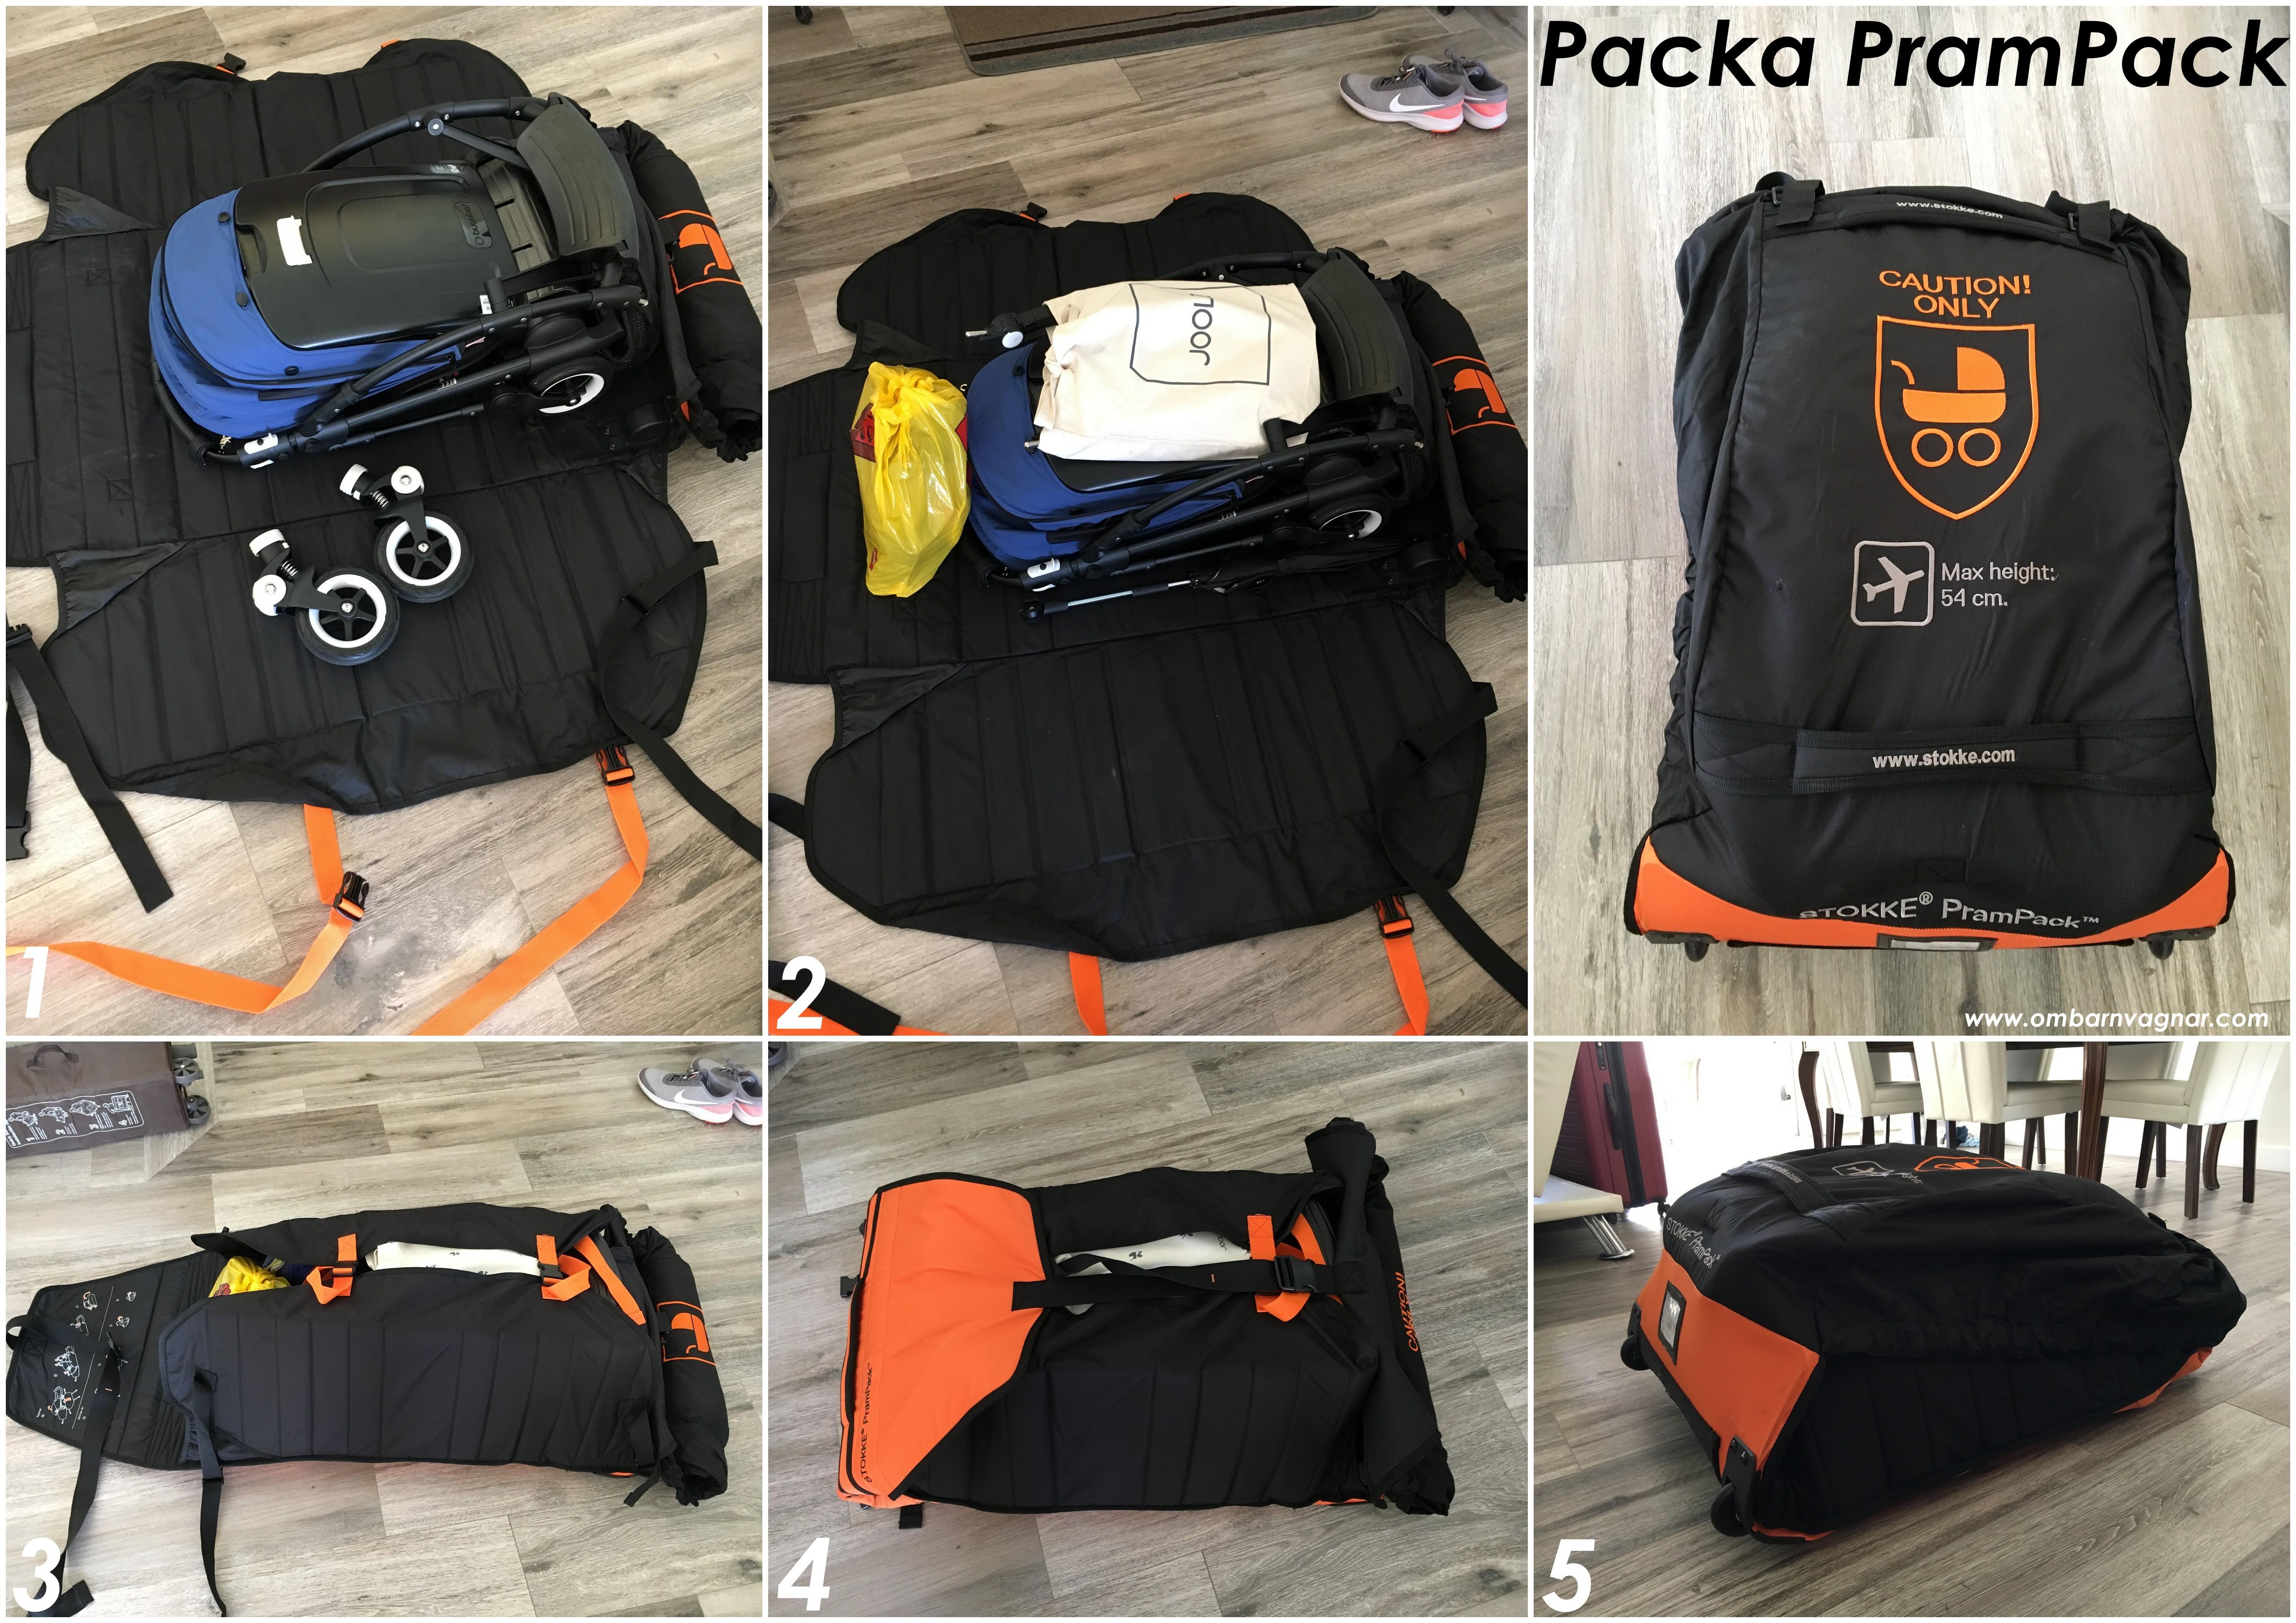 Guide - så packar du vagnen i Stokke PramPack